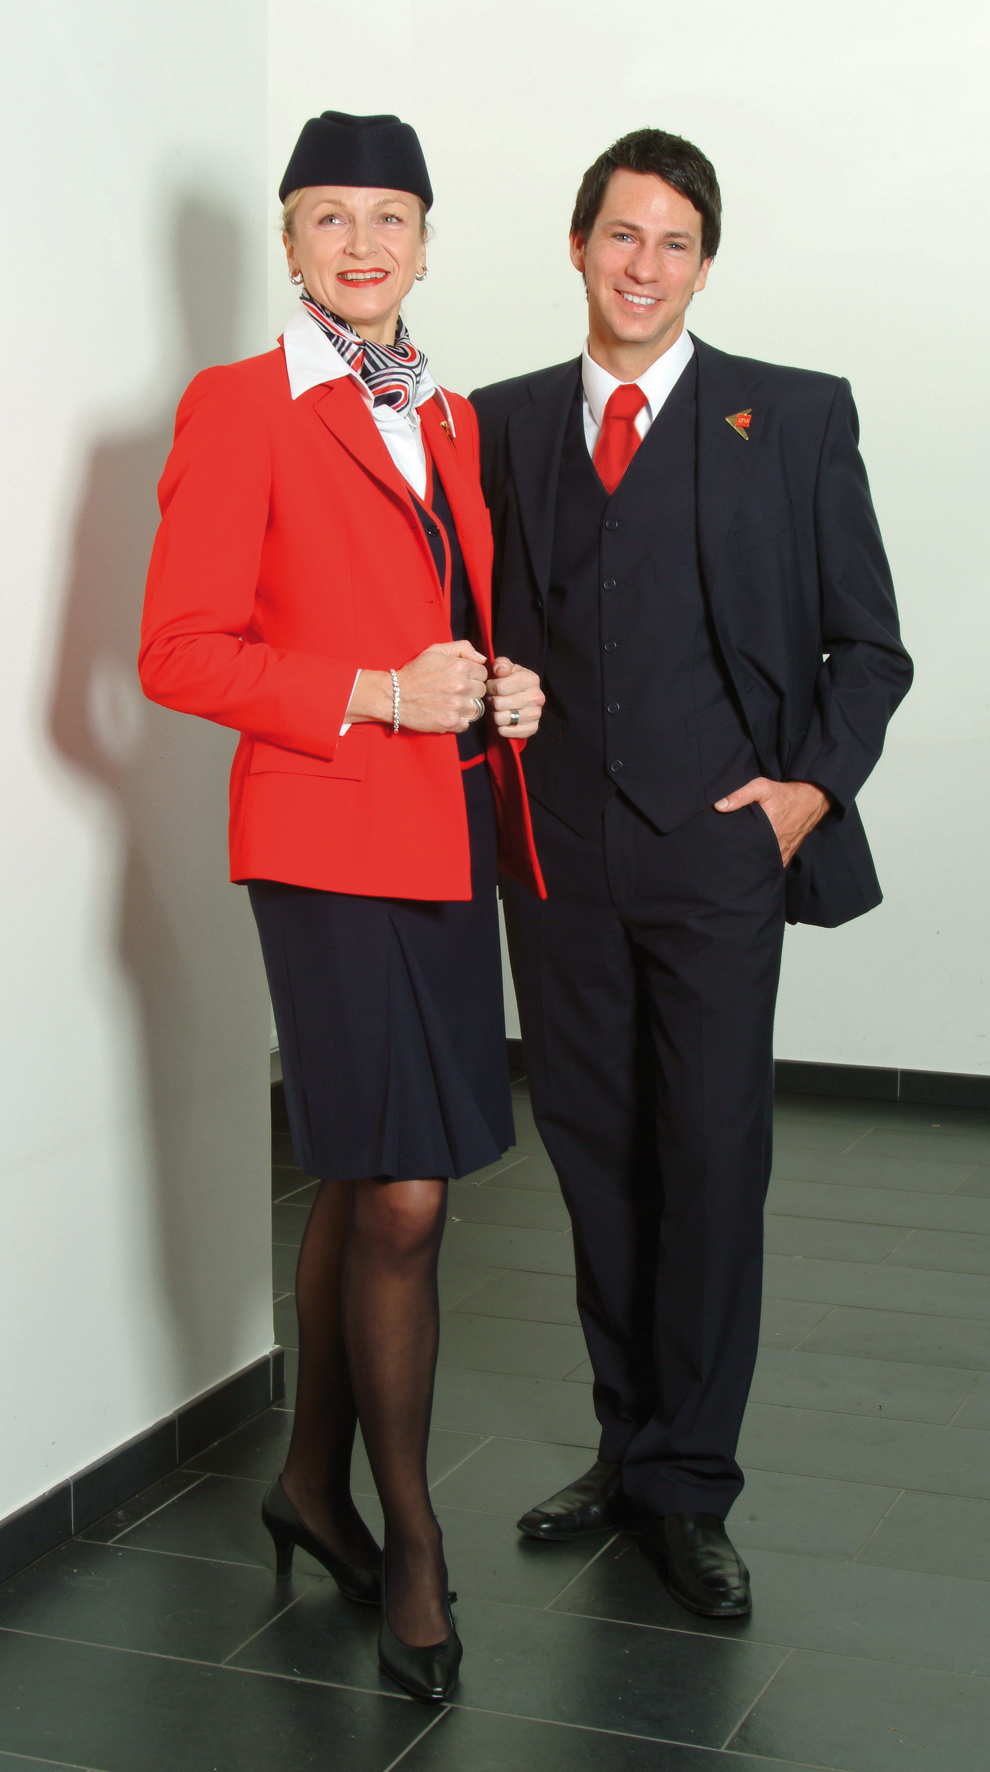 Uniform_Paar_kl.jpg